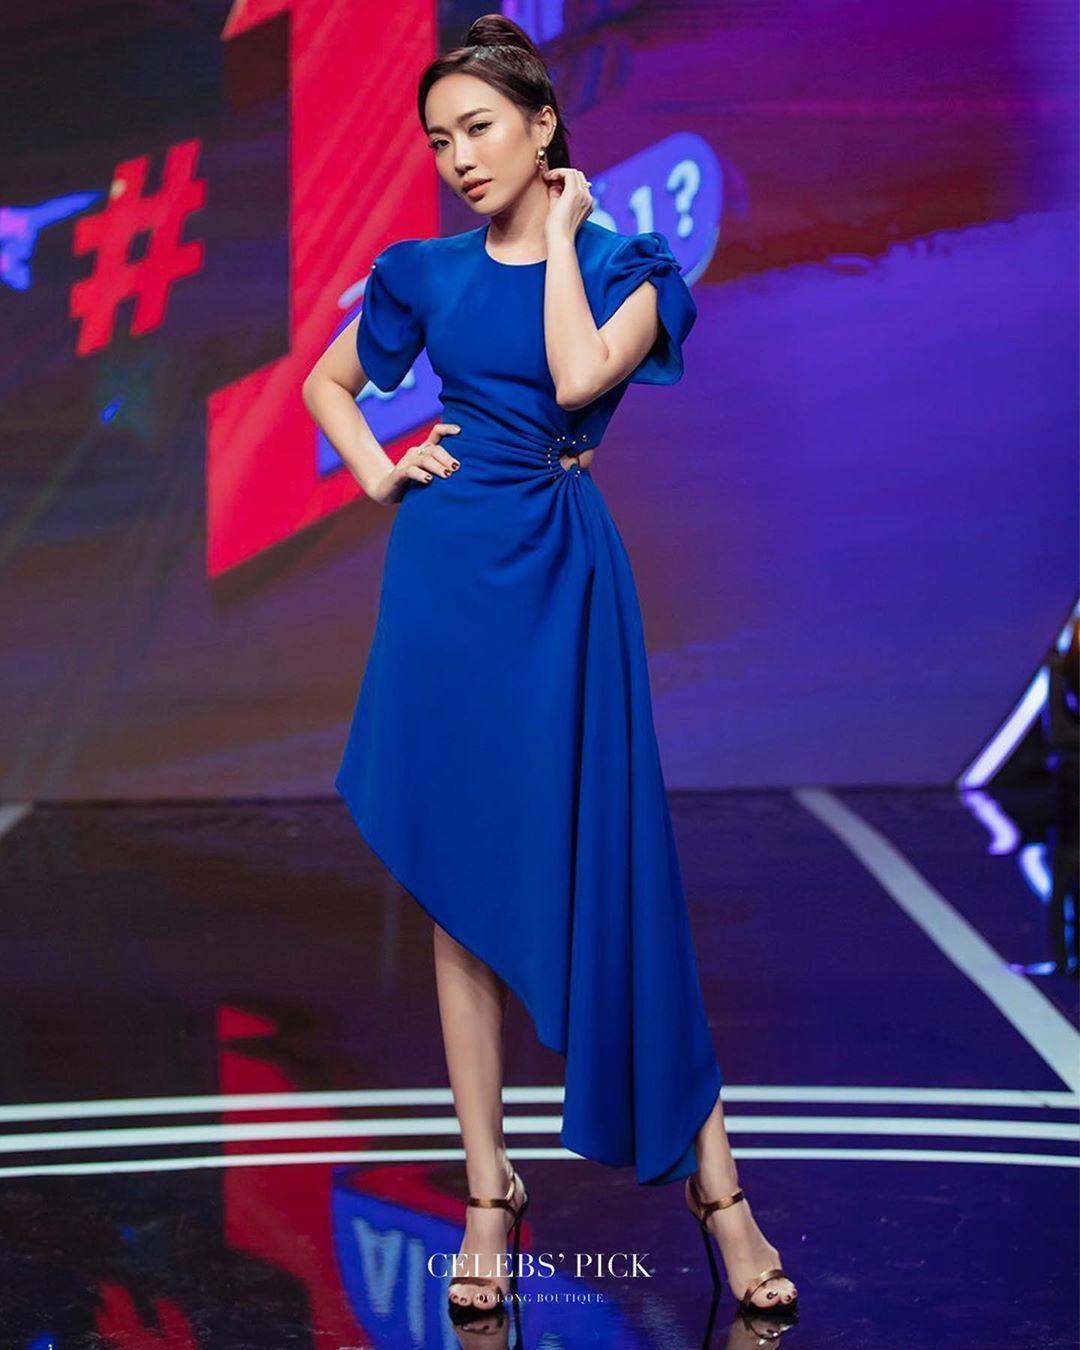 @dieu_nhiii  in our blue cobalt dress  @dieu_nhiii  in our blue cobalt dress #cobaltdress